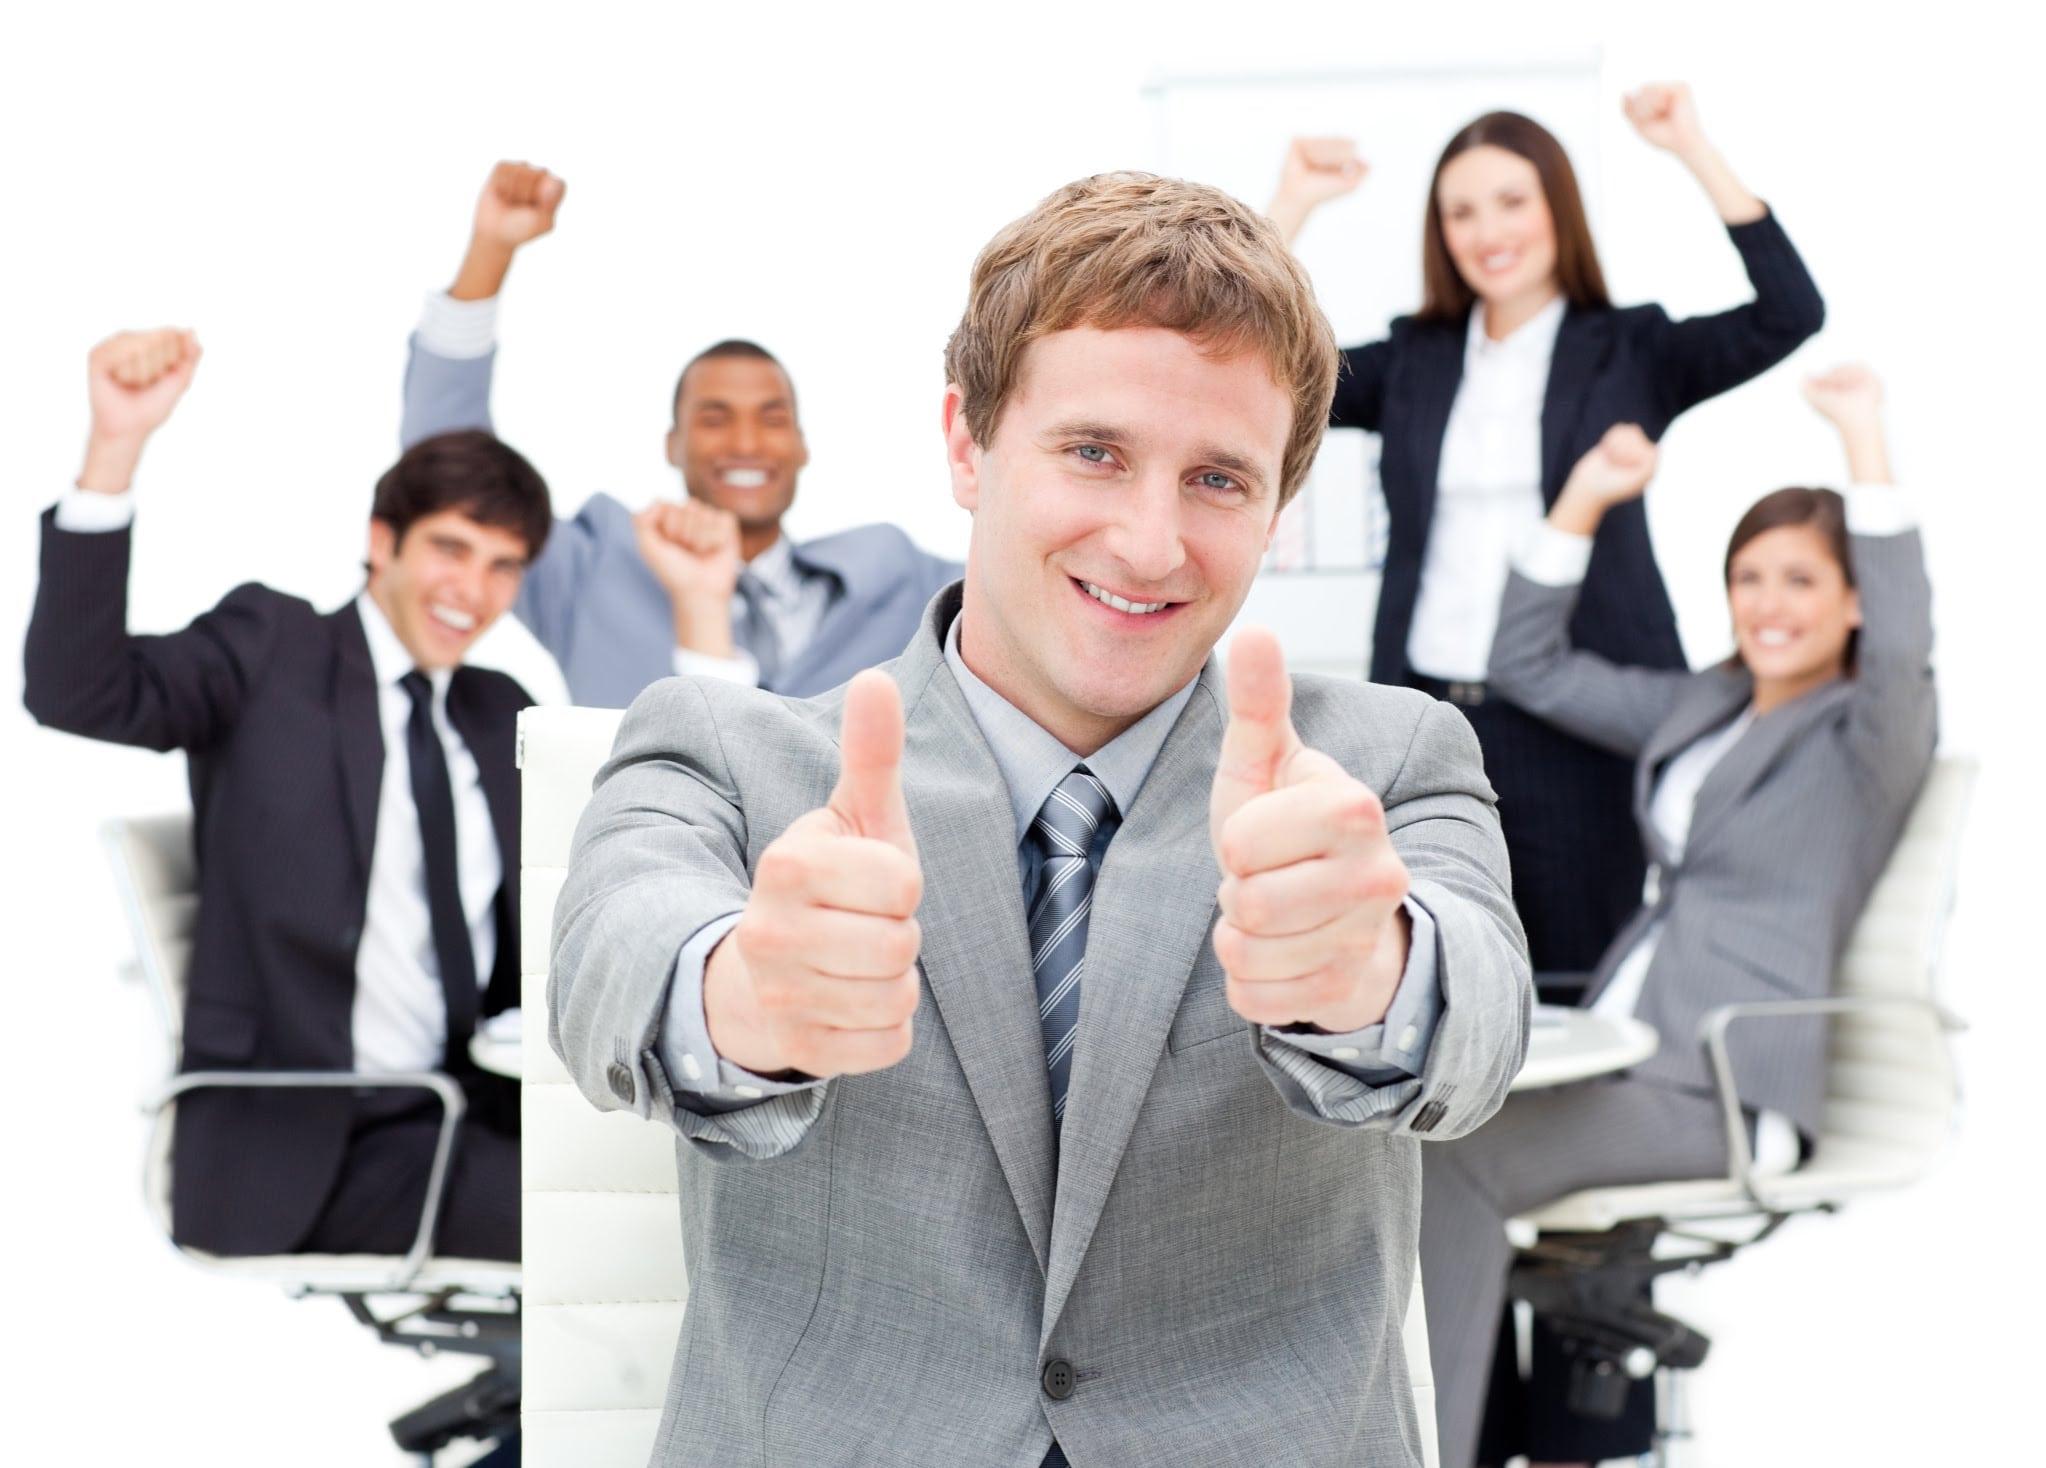 La importancia de la gestión de talento humano